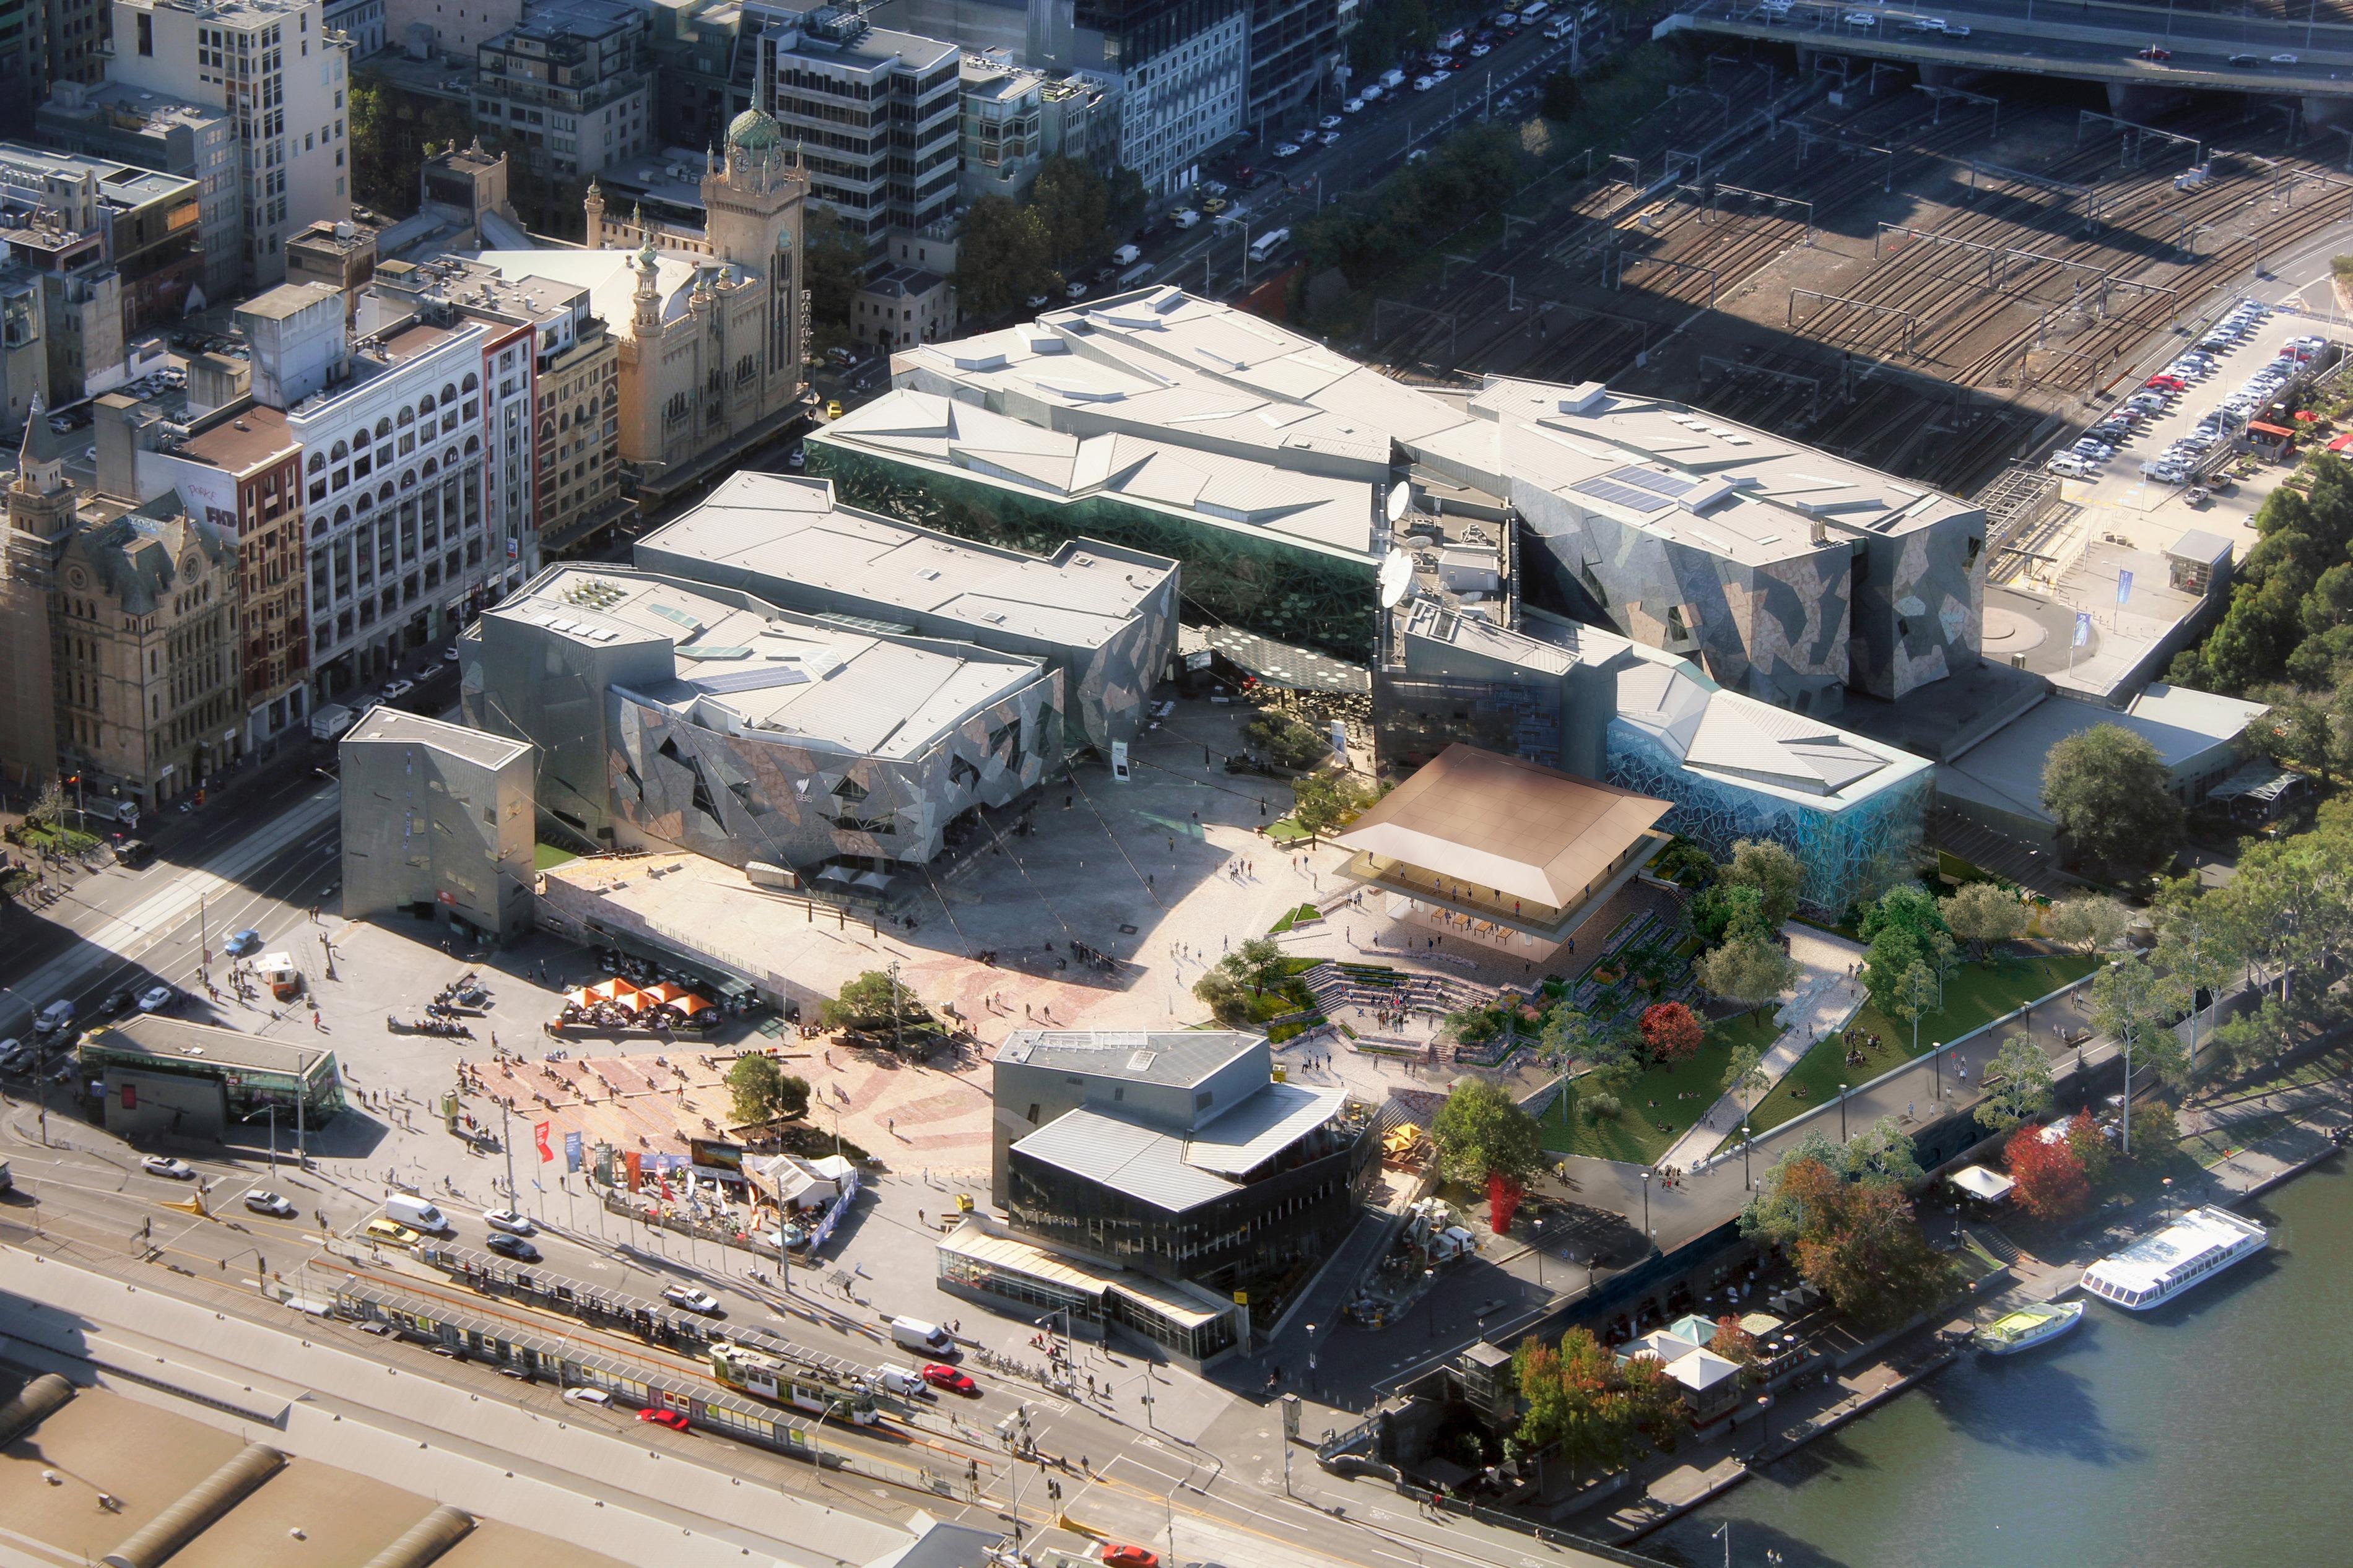 Imagem aérea de como é hoje a Federation Square, com o render da loja no lugar